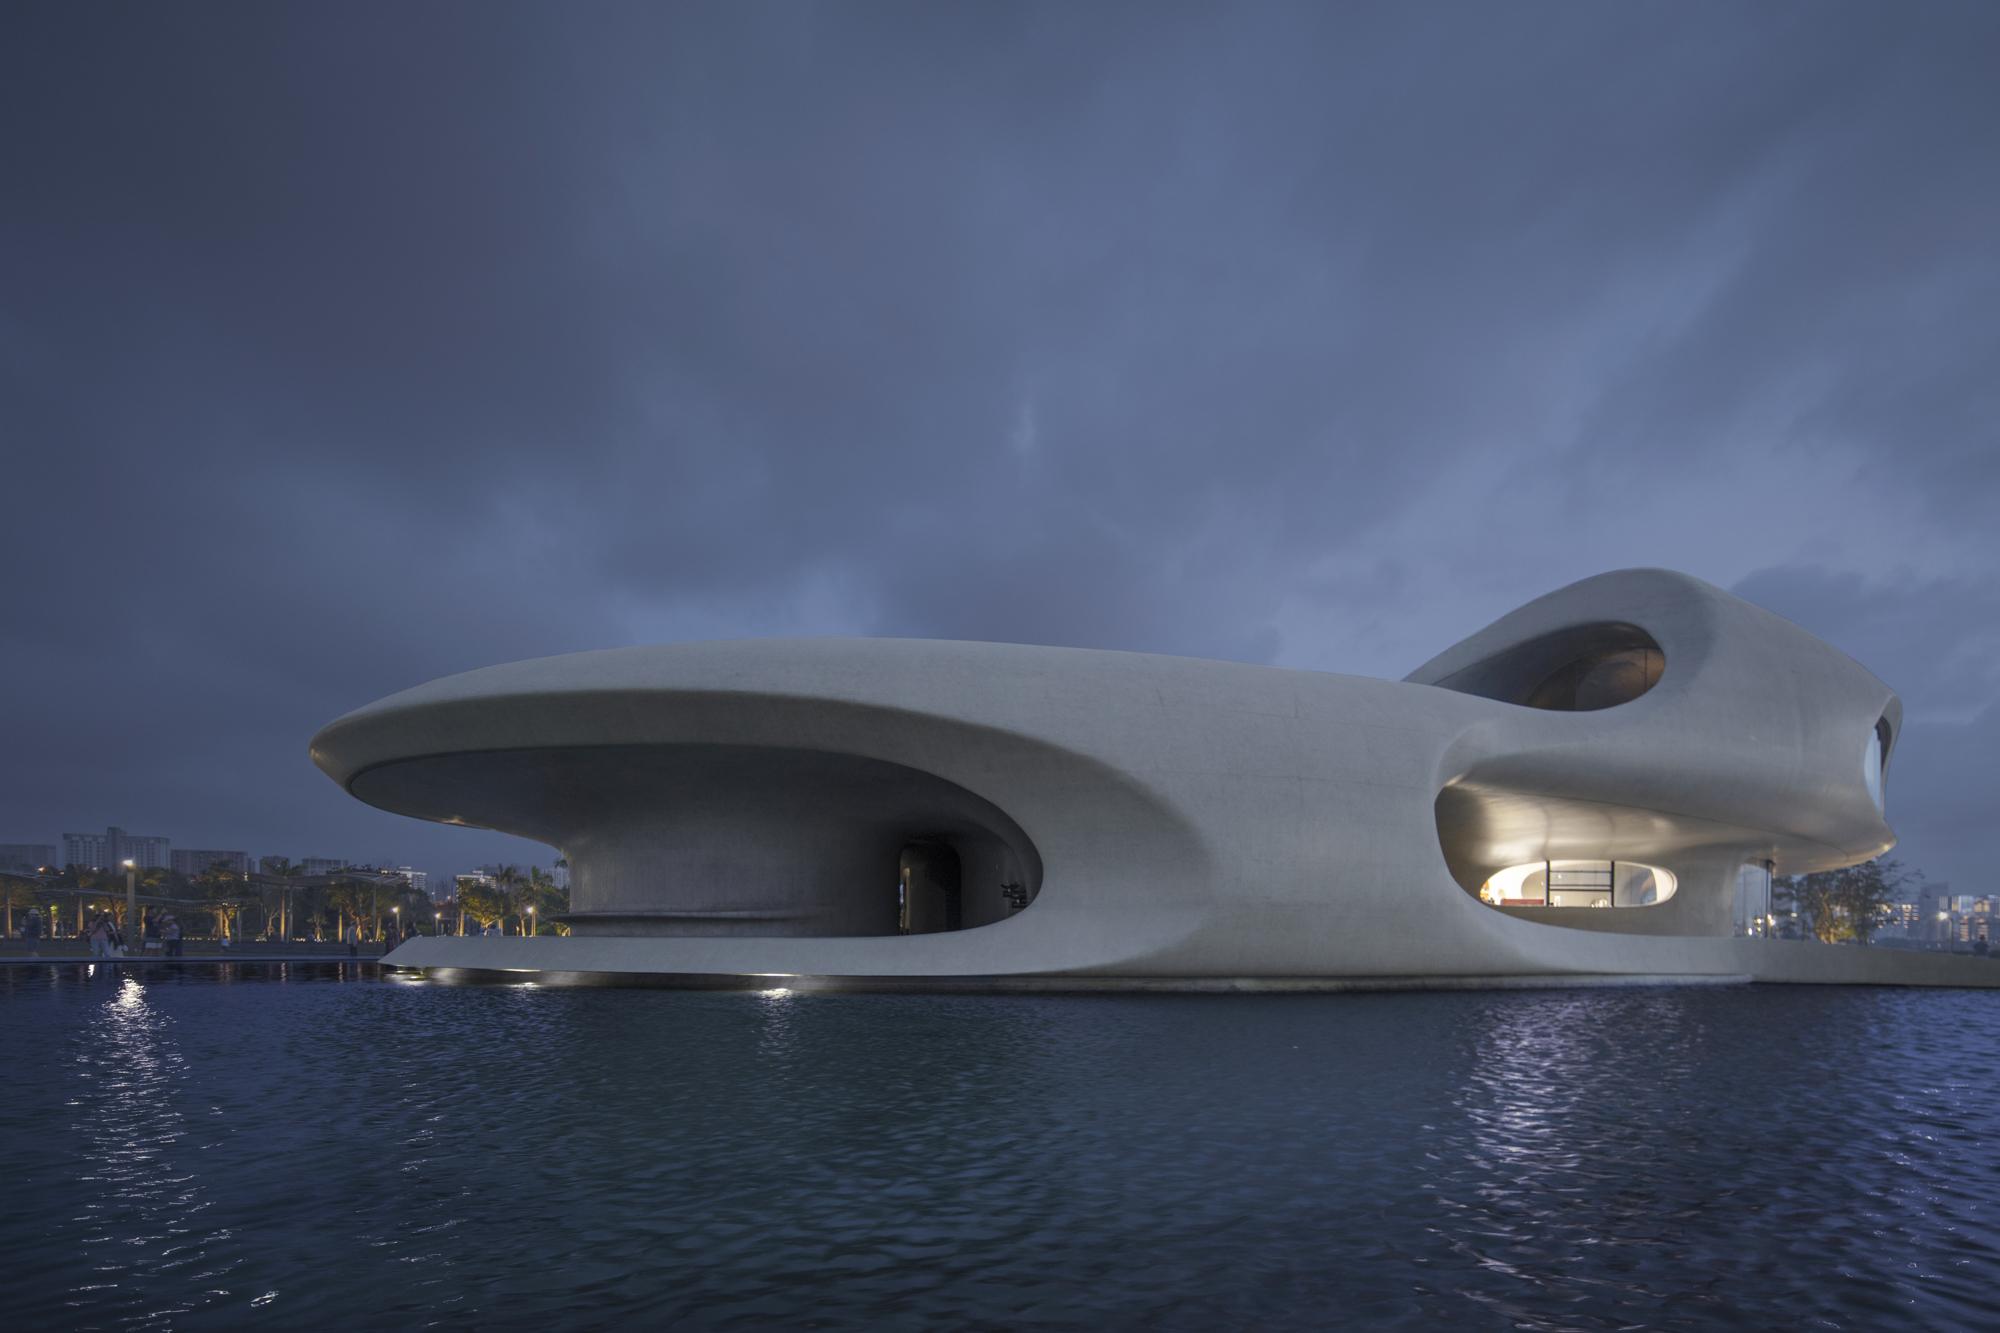 建筑雕塑感极强 存在建筑 图